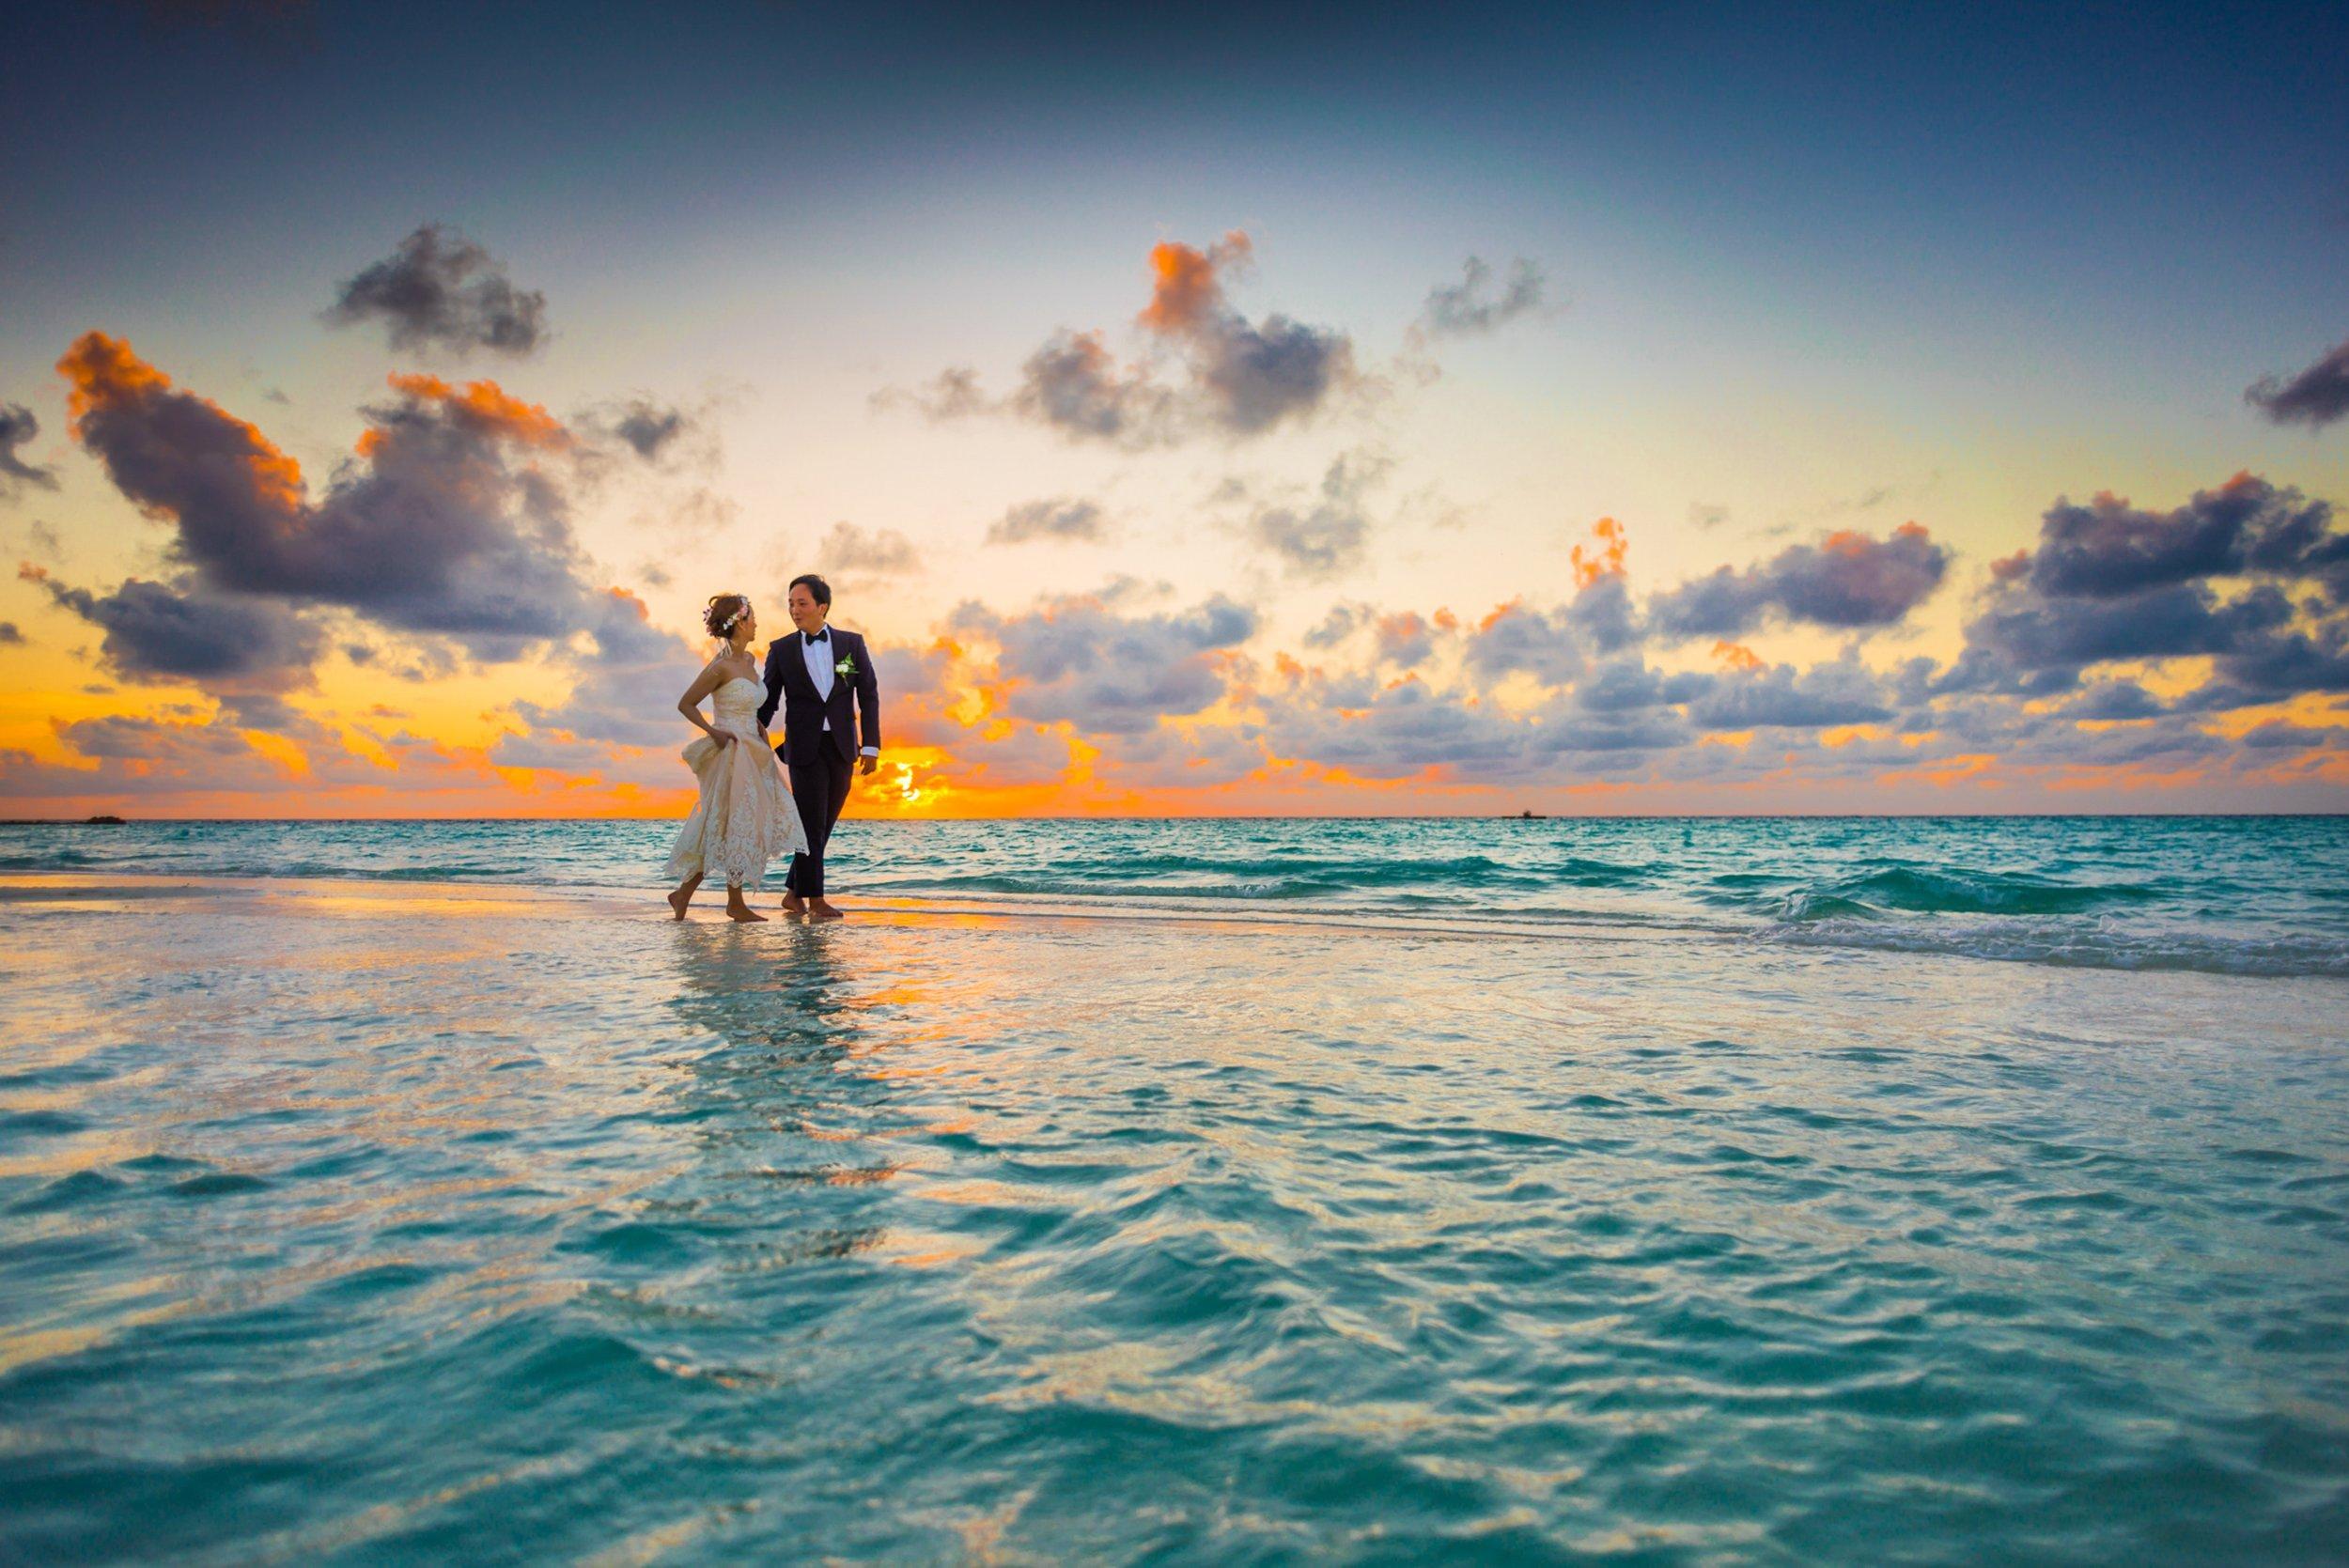 affair-anniversary-beach-1024993.jpg